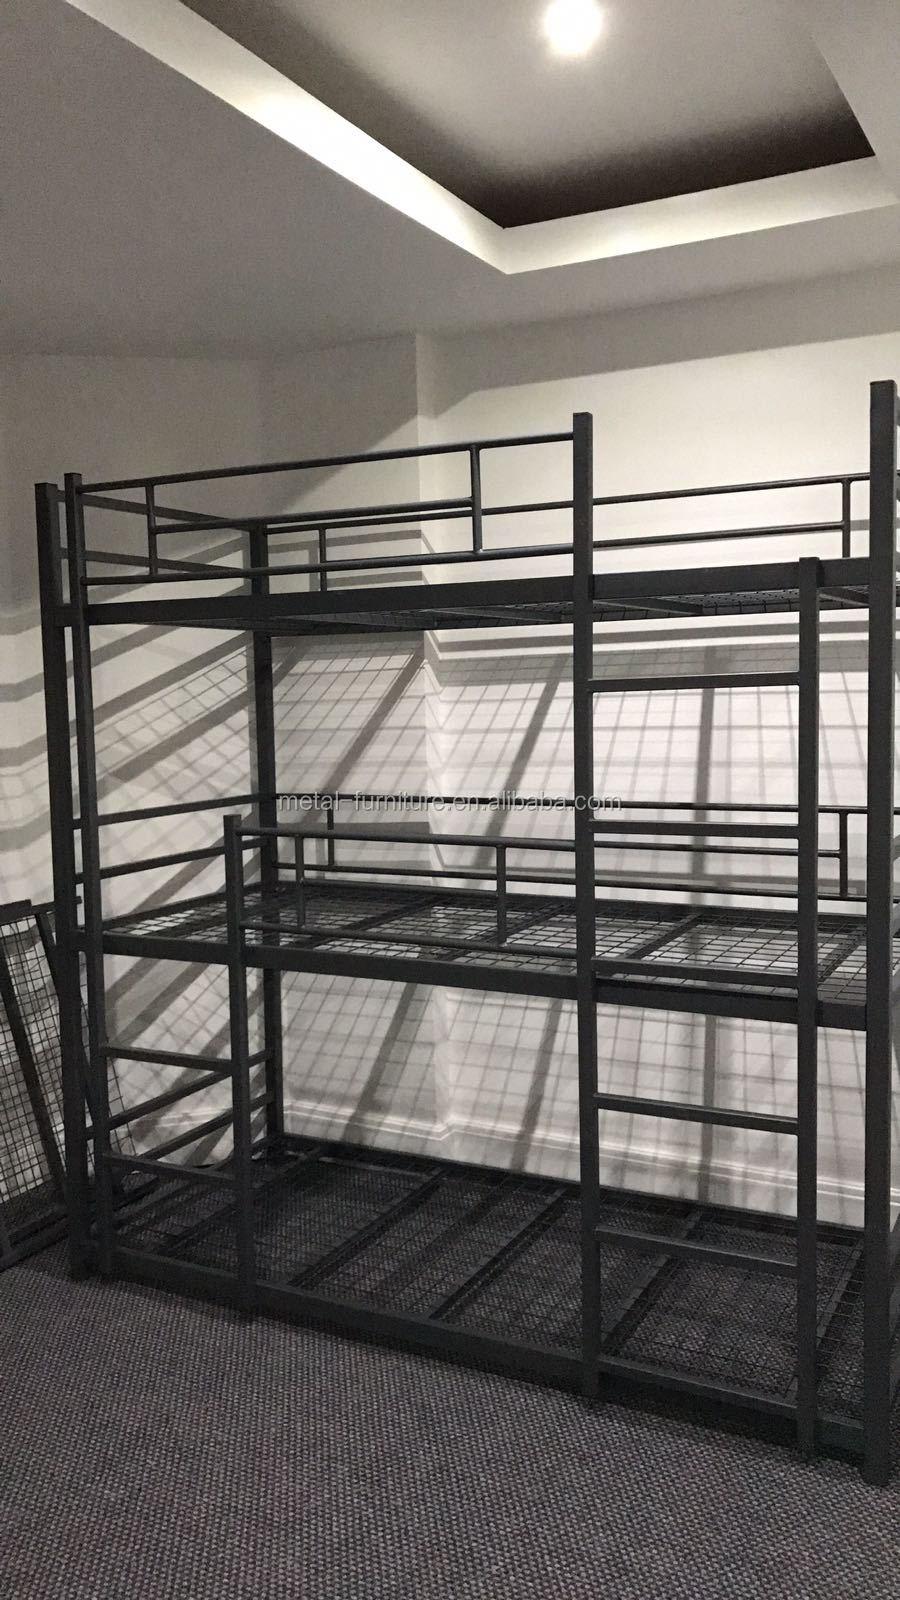 Home Dormitory Steel Locker Hostel Beds 3 Layer 3 Sleeper Triple ...